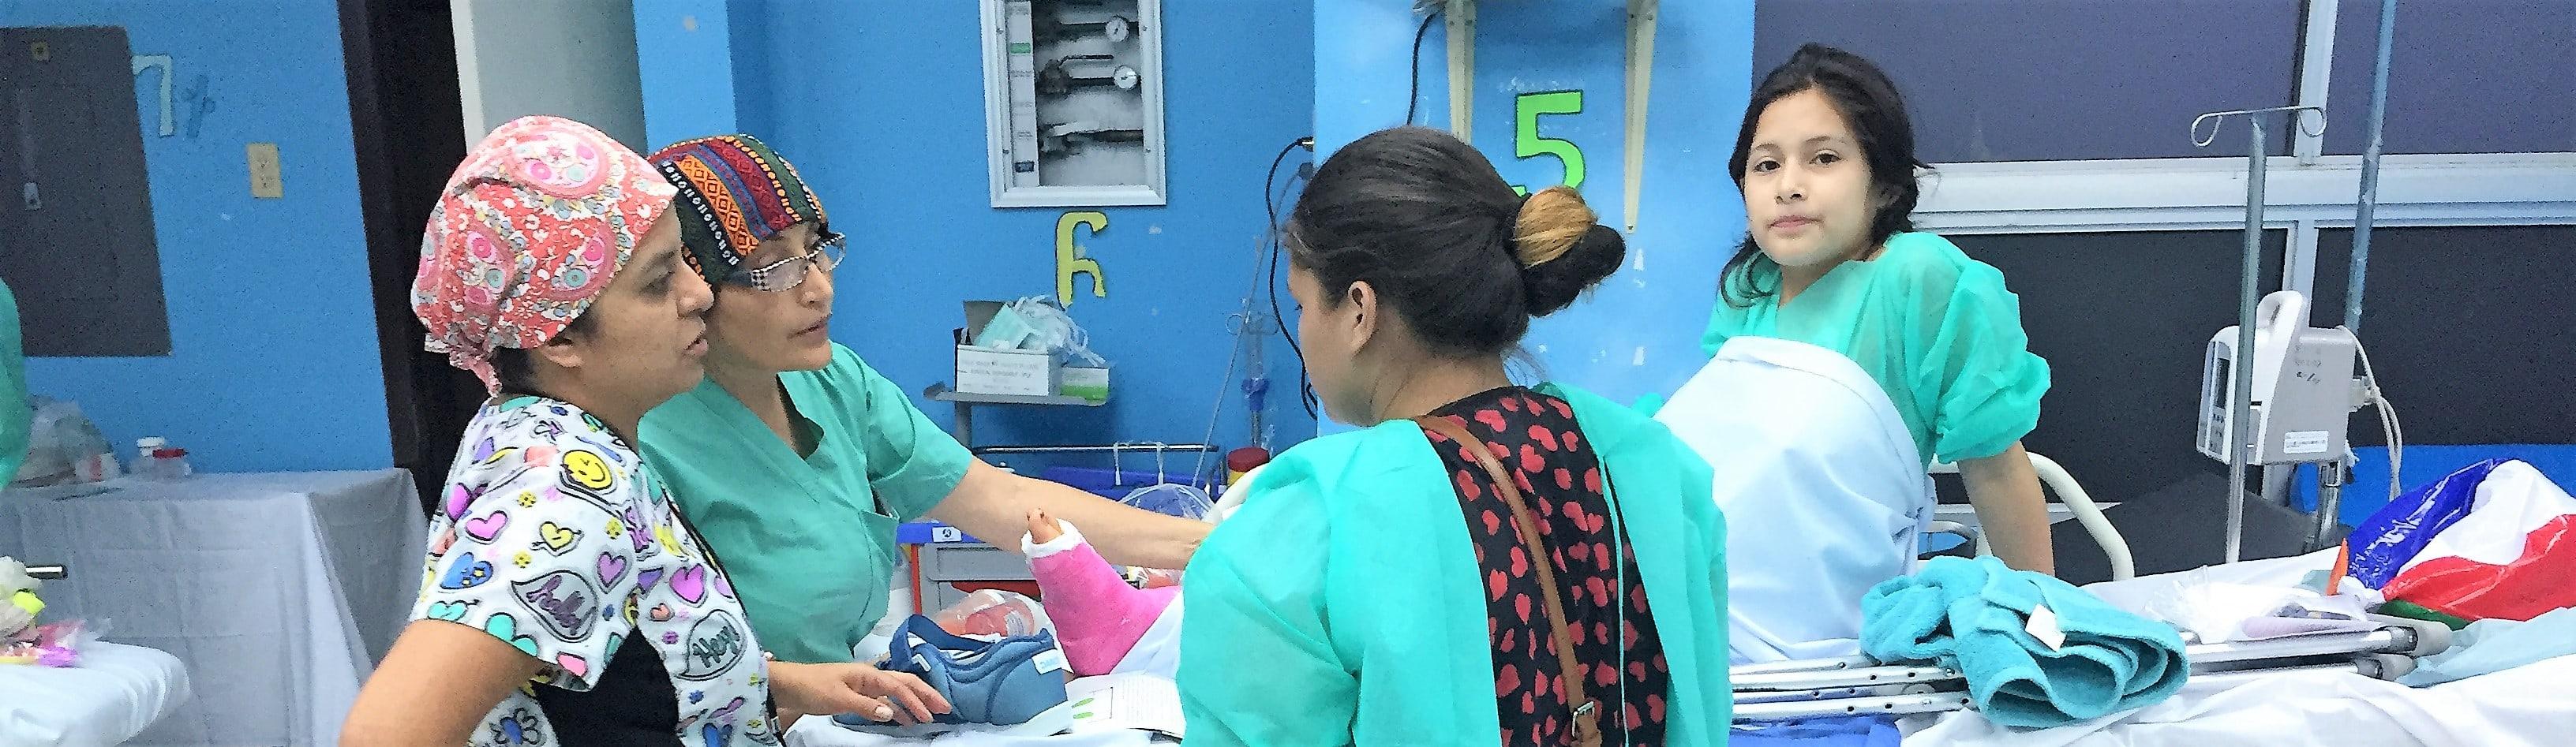 Orthopädische Hilfe für Honduras